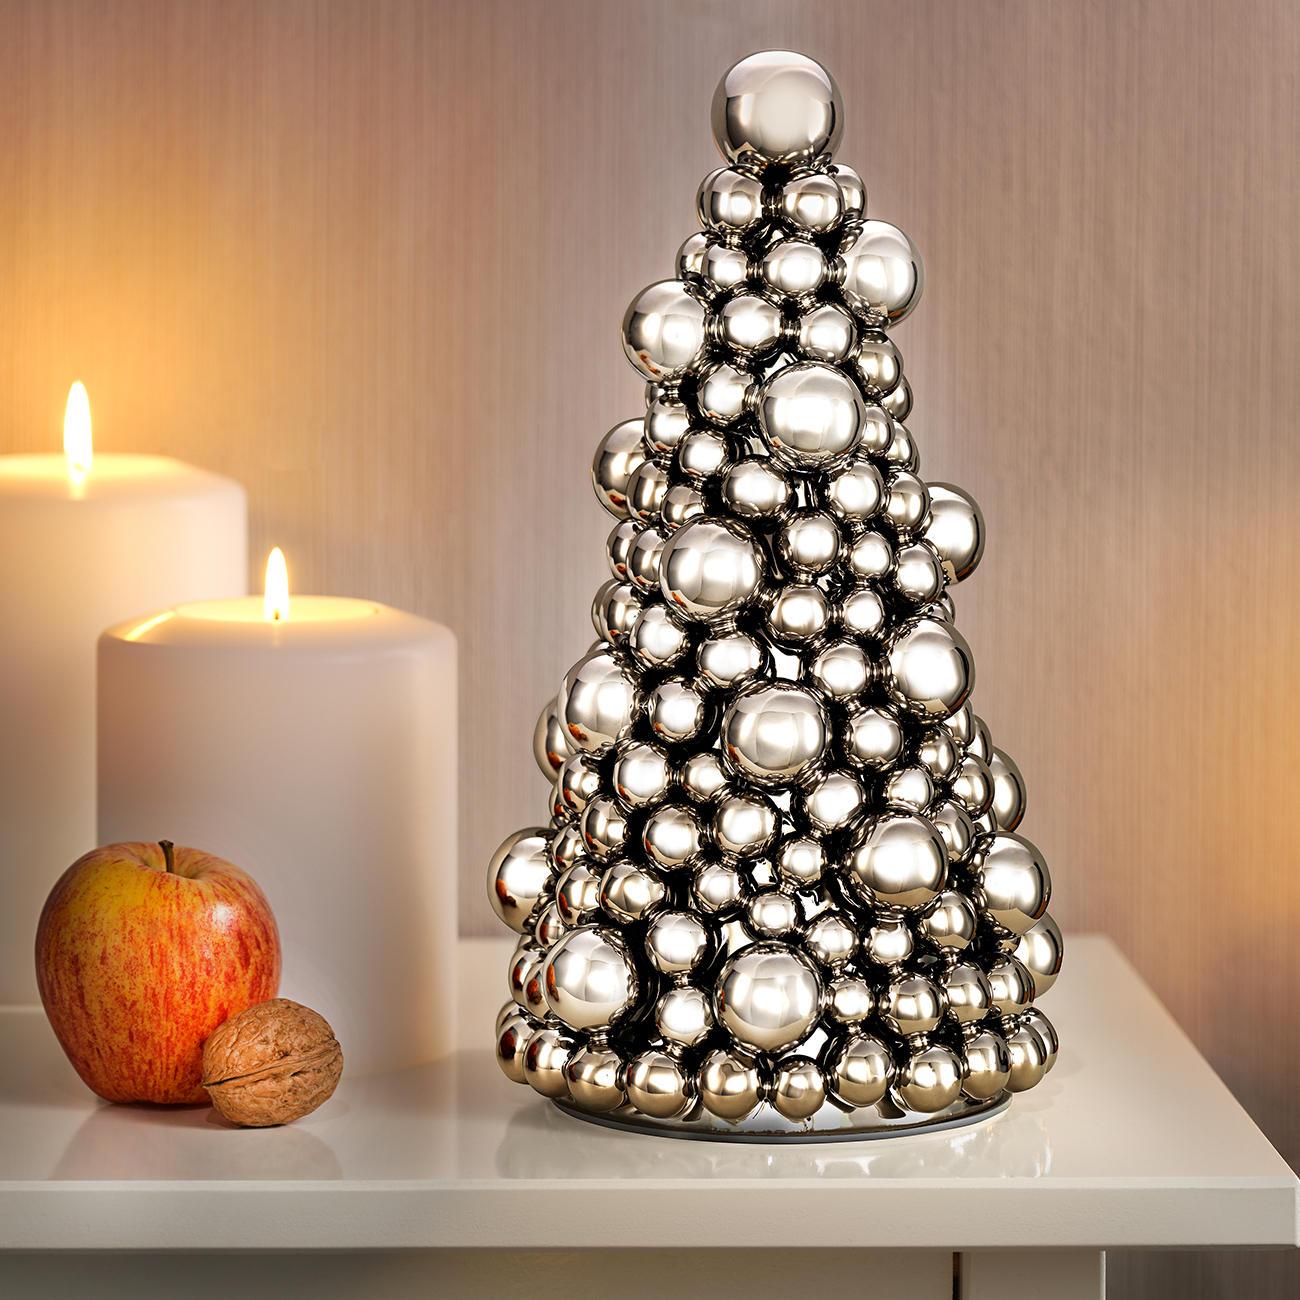 Kugel Für Tannenbaum.Edzard Kugel Weihnachtsbaum Pyramide Kugelpyramide Kaufen